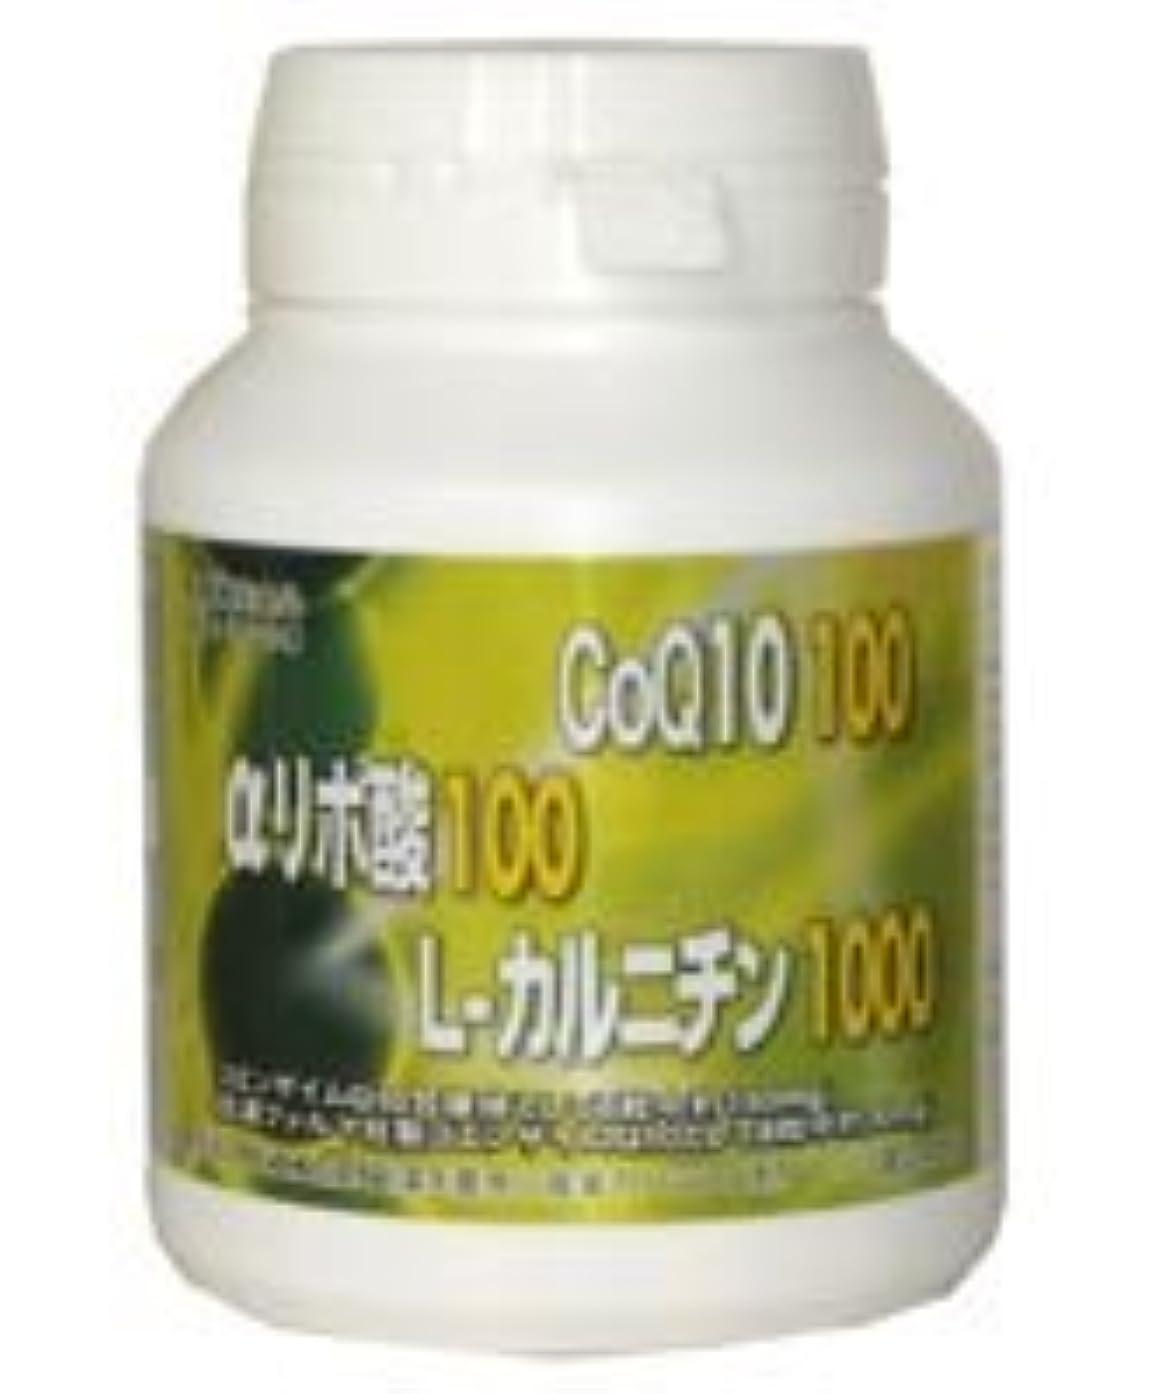 閉塞アリーナ解明CoQ10 100+αリポ酸100+L-カルニチン1000